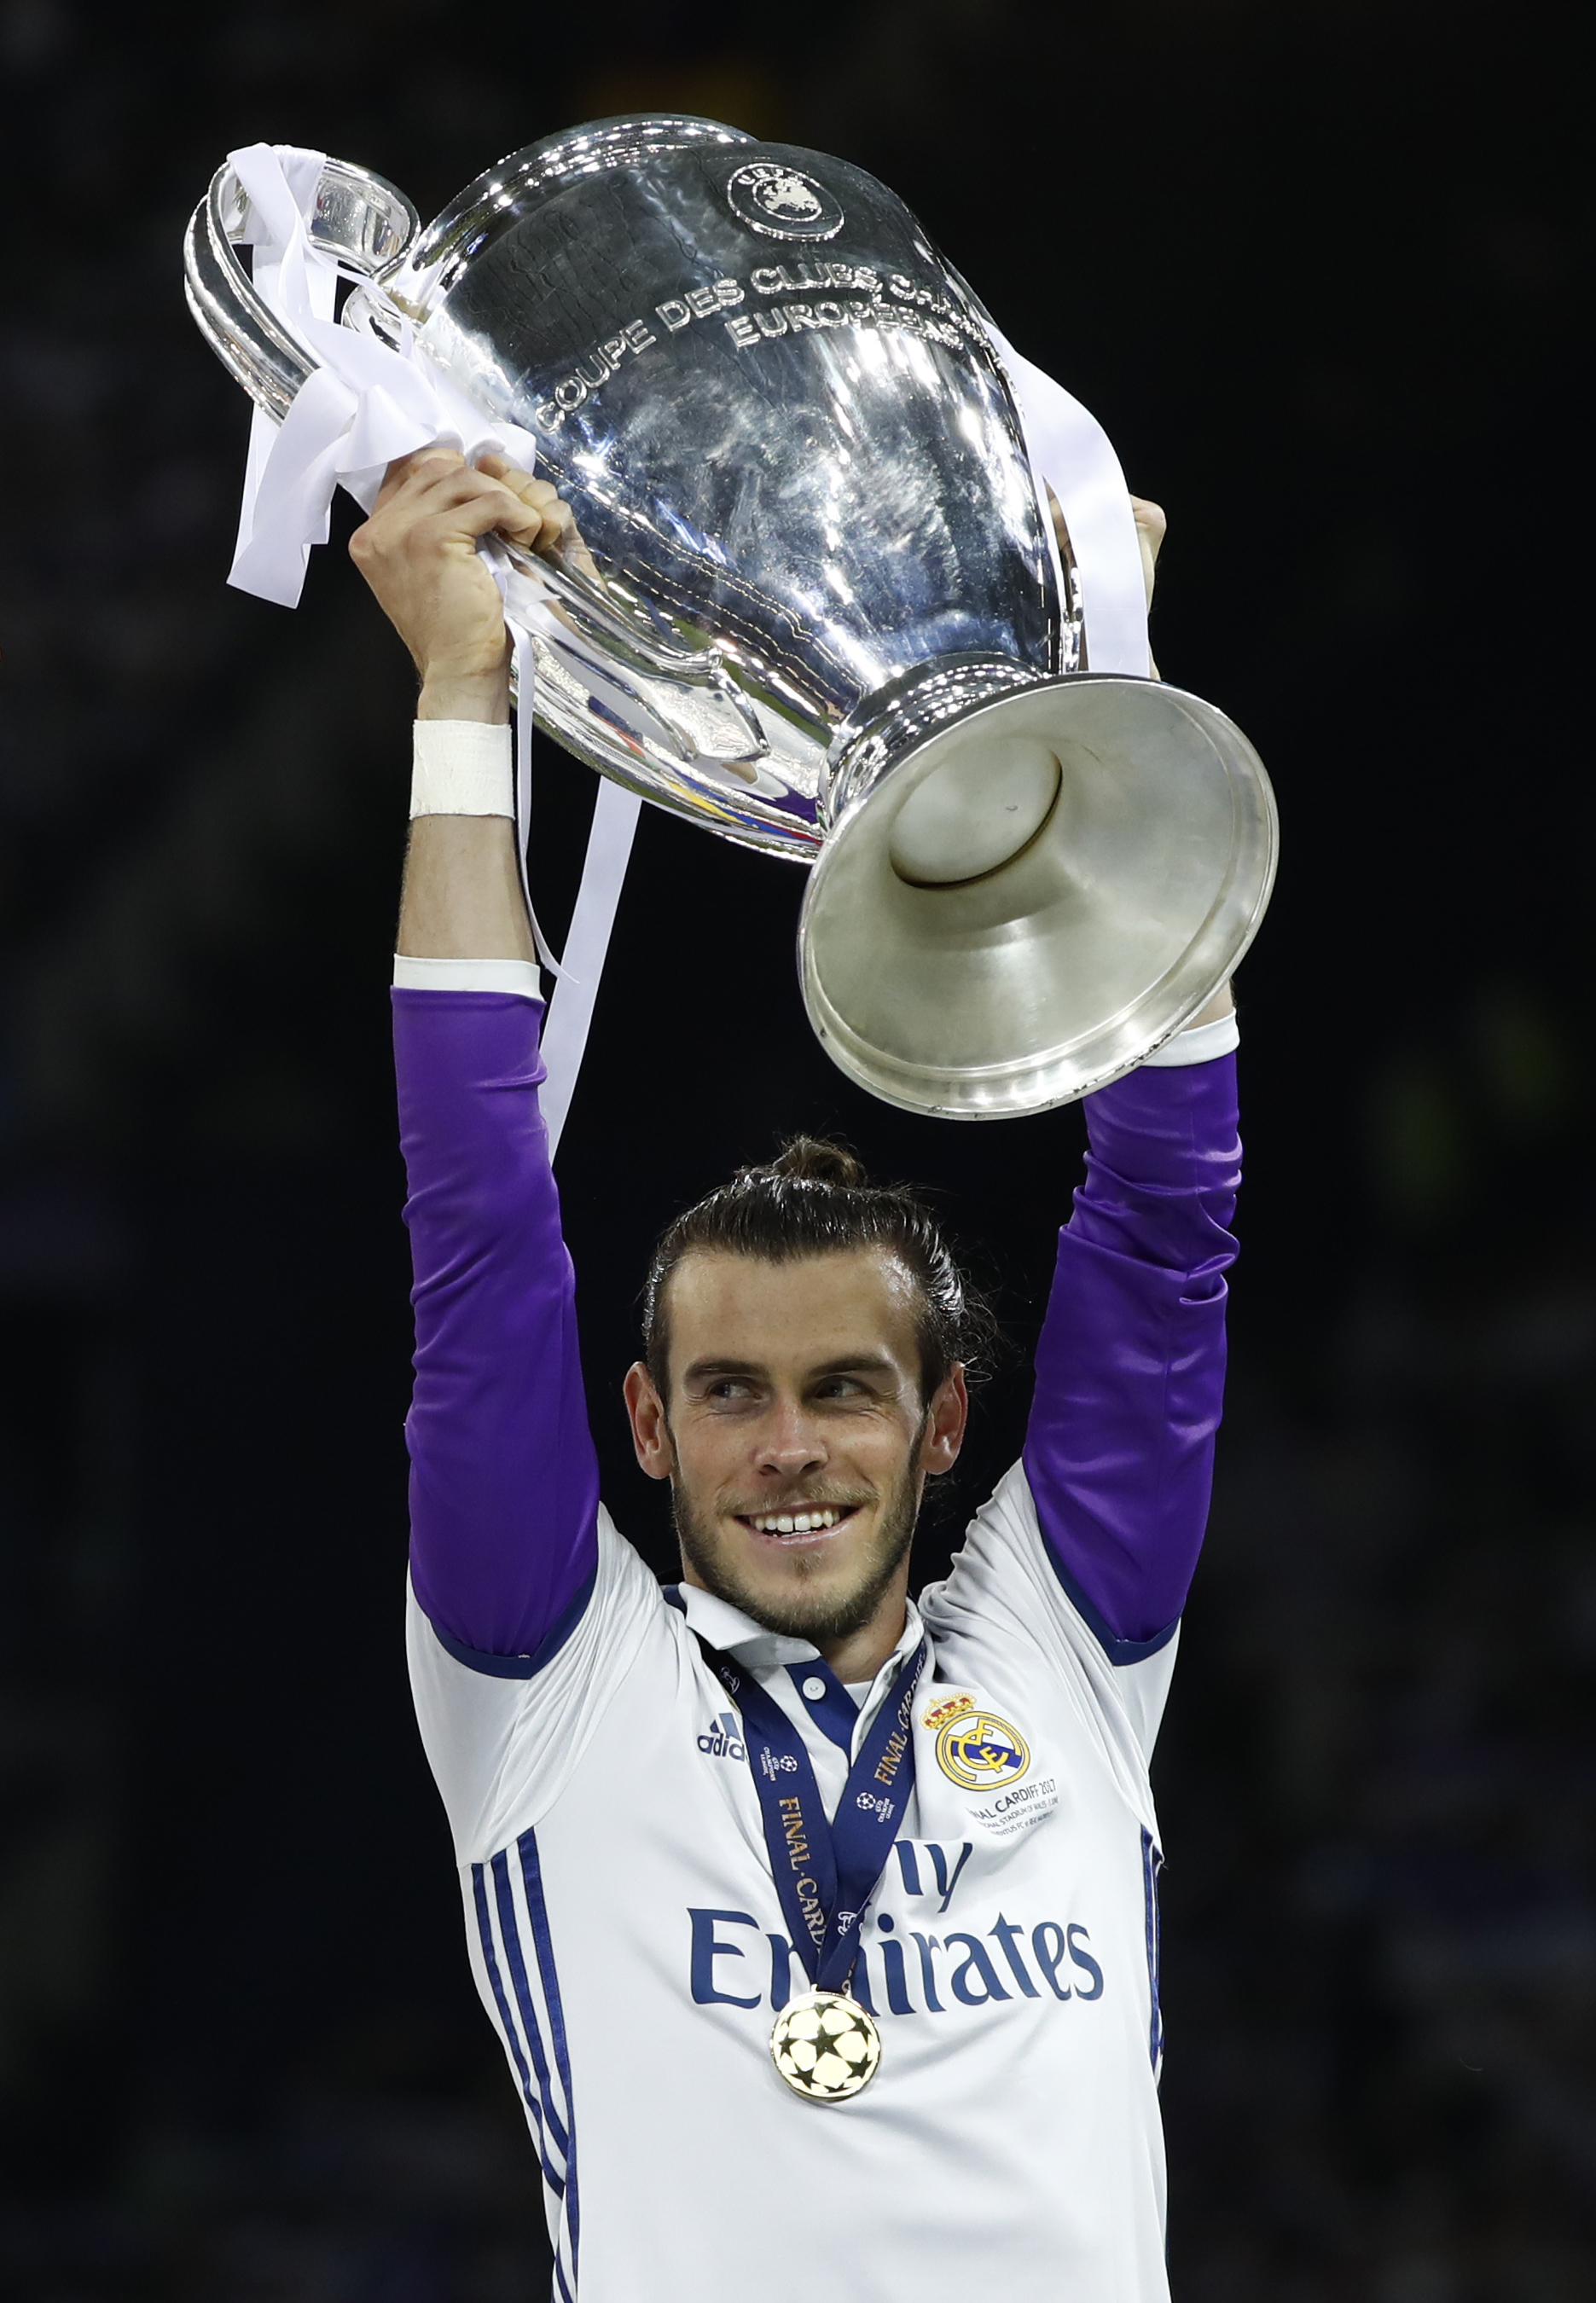 بالصور صور ريال مدريد , نادى المحترفين الاسبانى و شعارة العظيم 2338 1